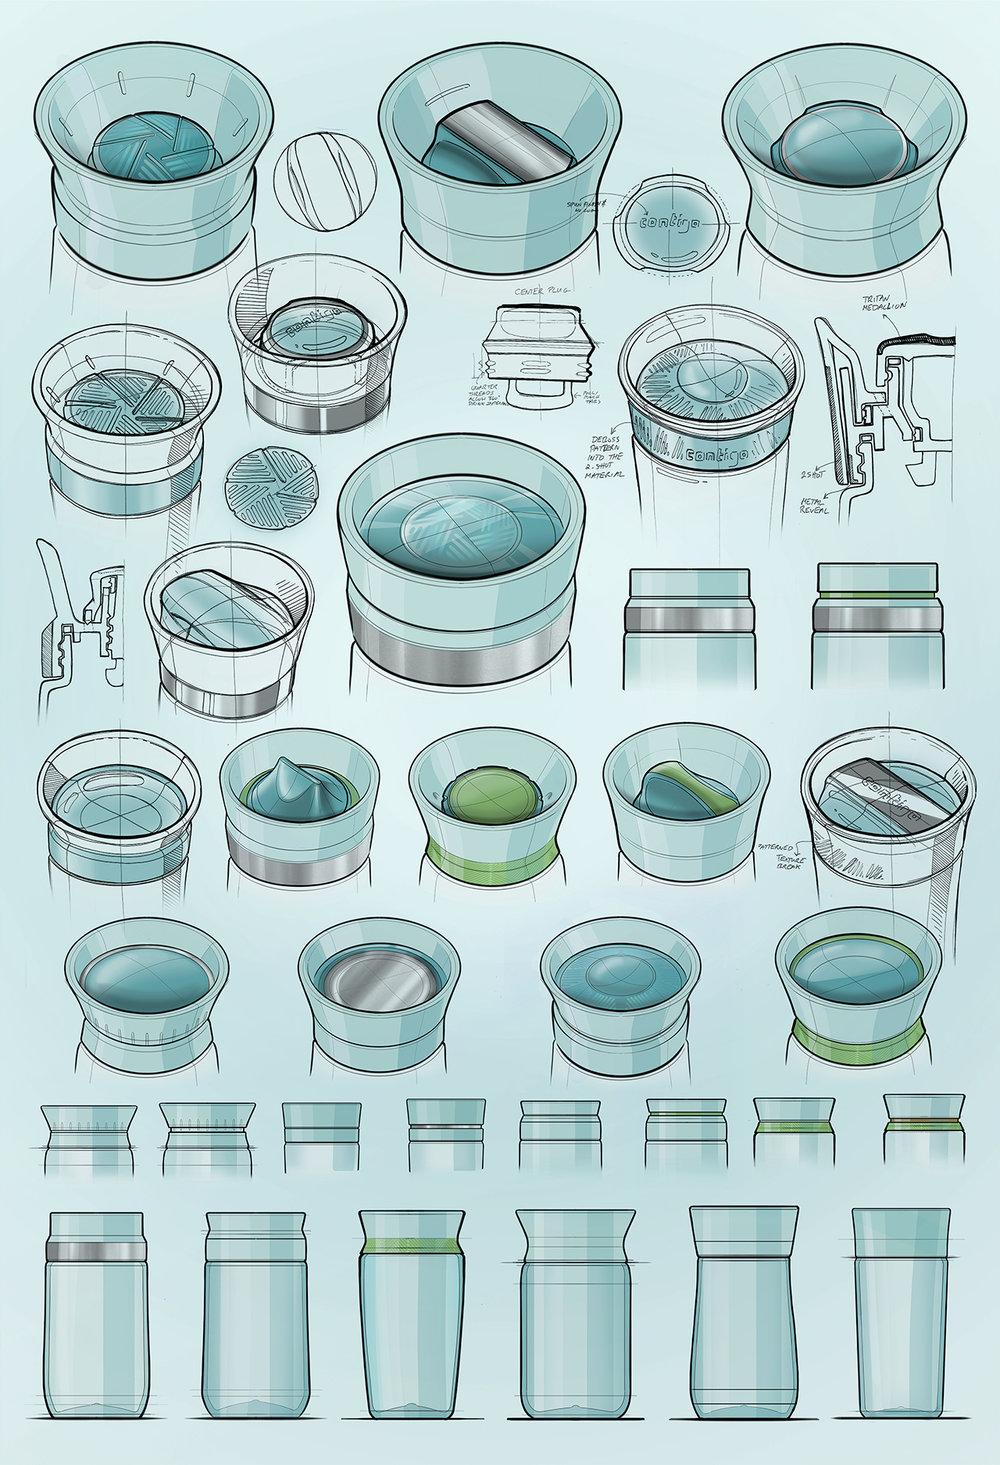 KidsBeverageware_Sketches02.jpg